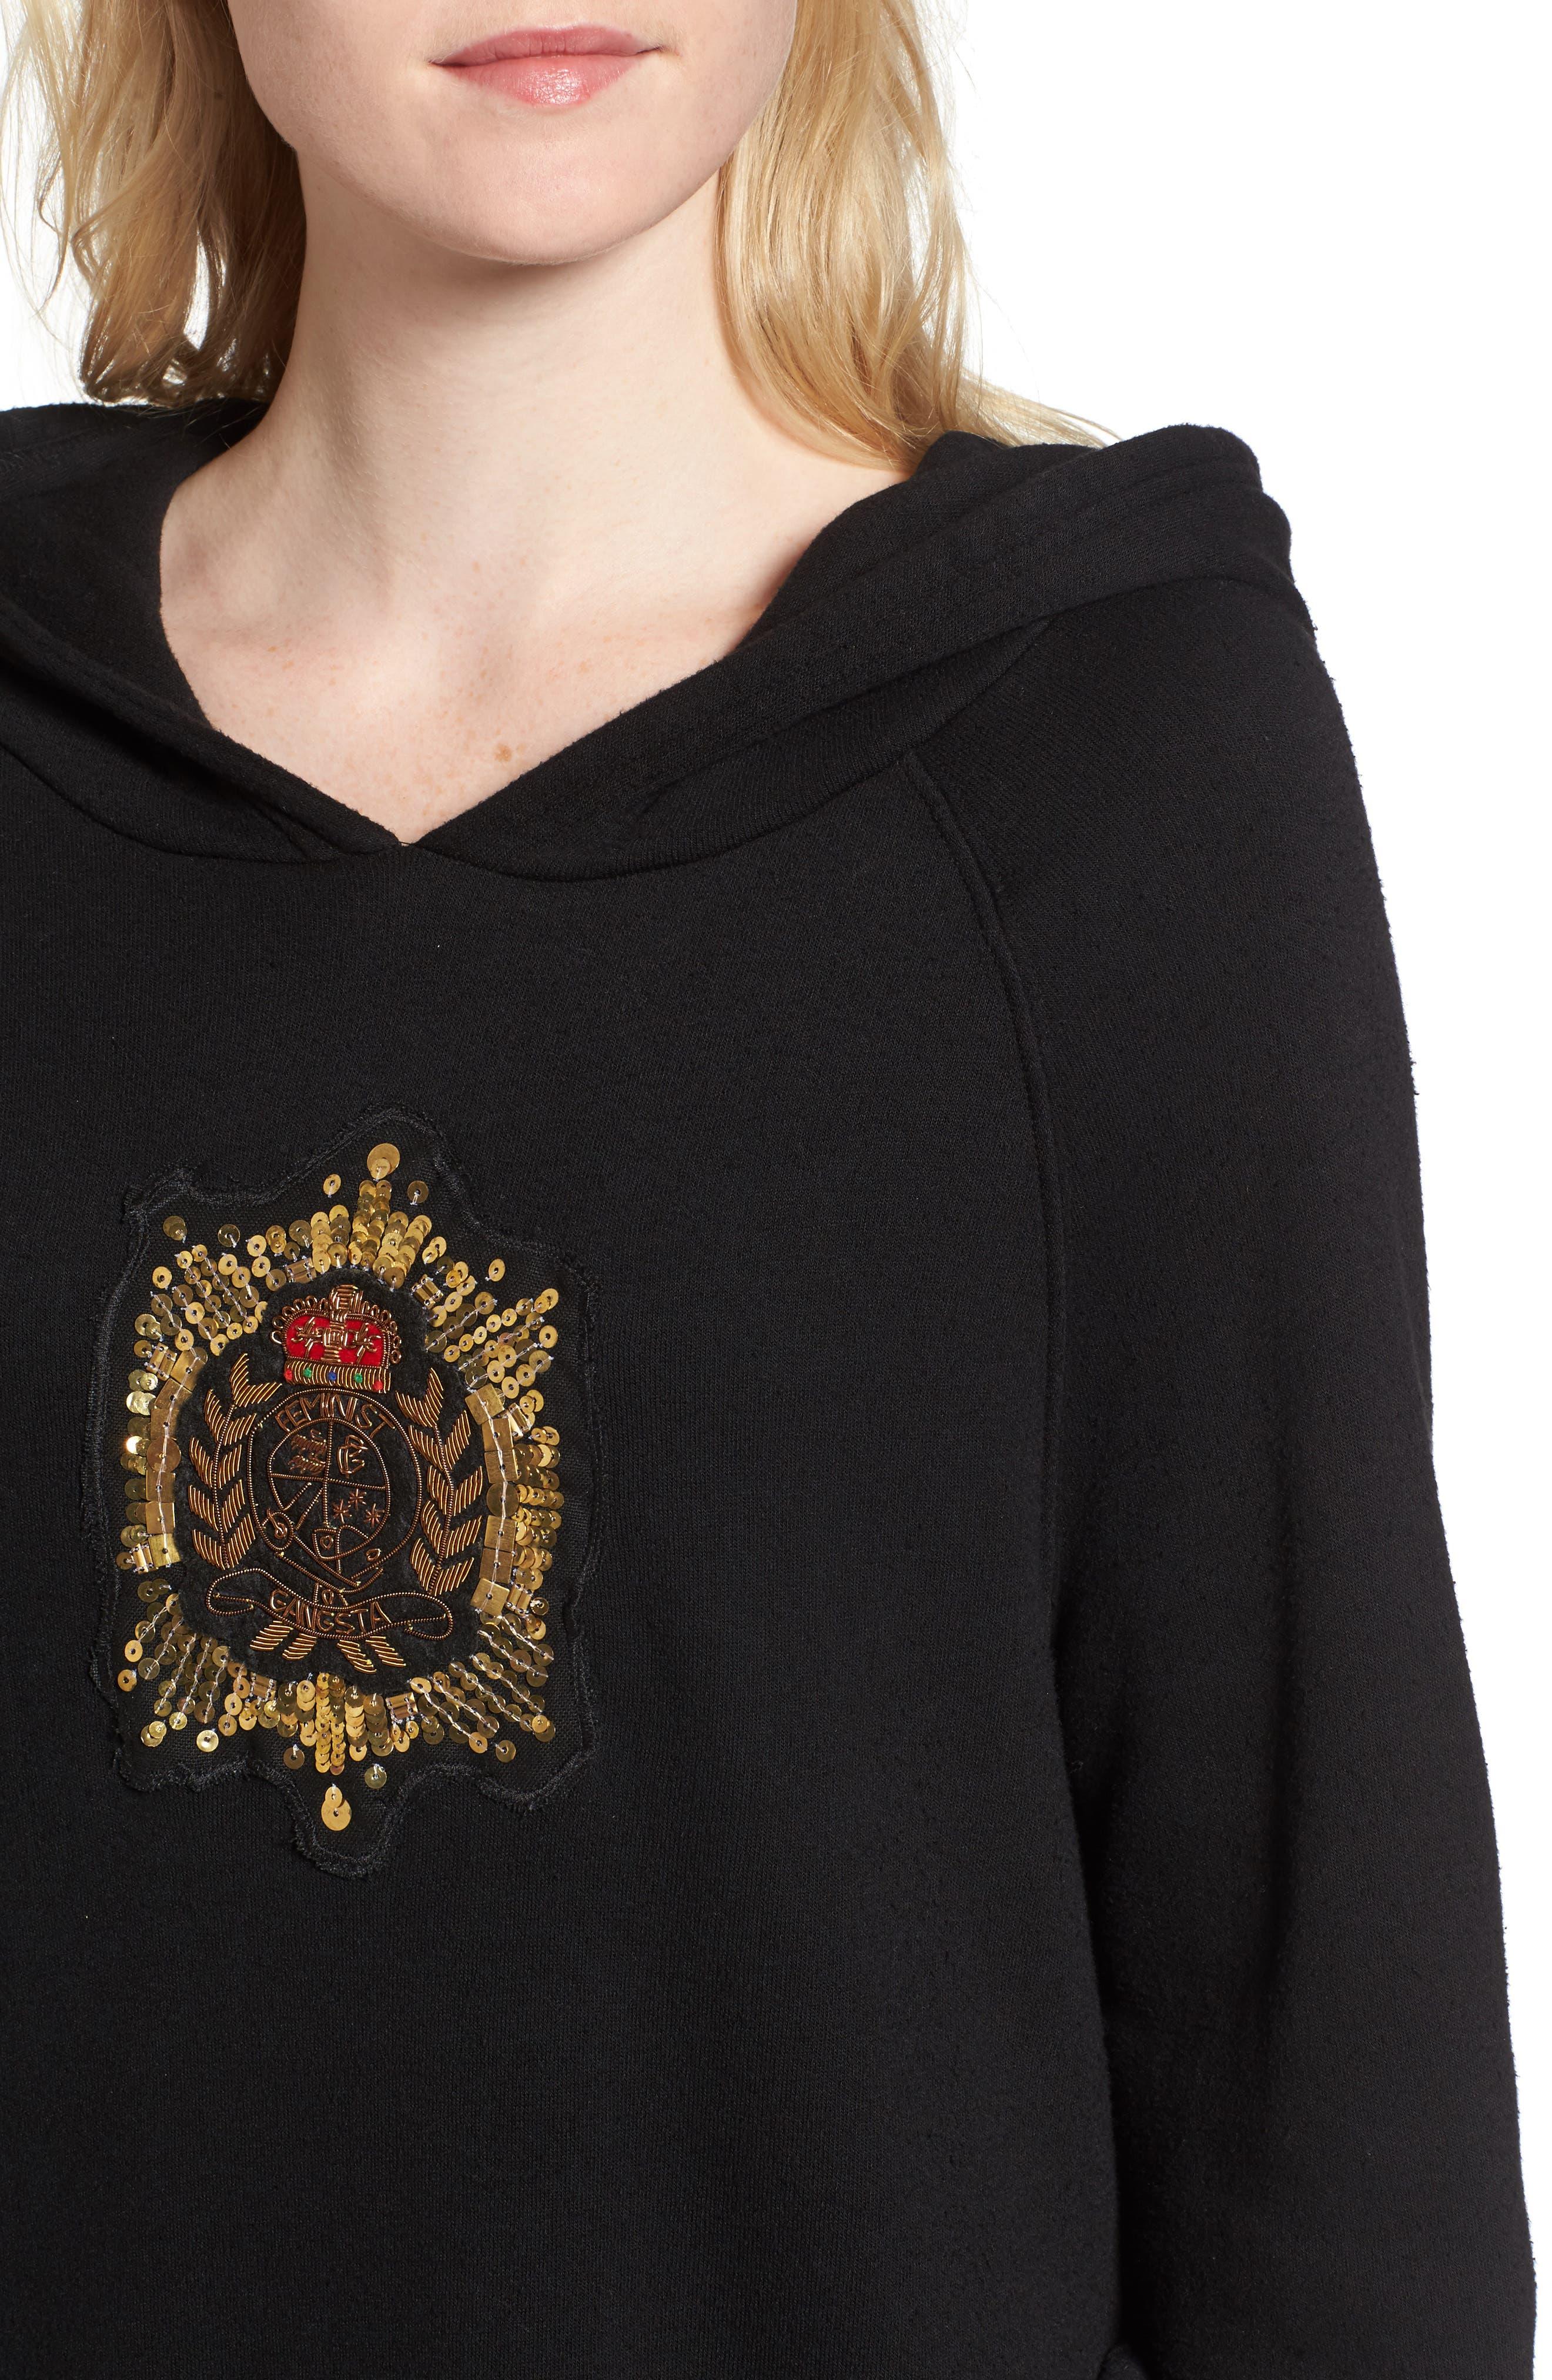 Crest Patch Sweatshirt Dress,                             Alternate thumbnail 4, color,                             Black